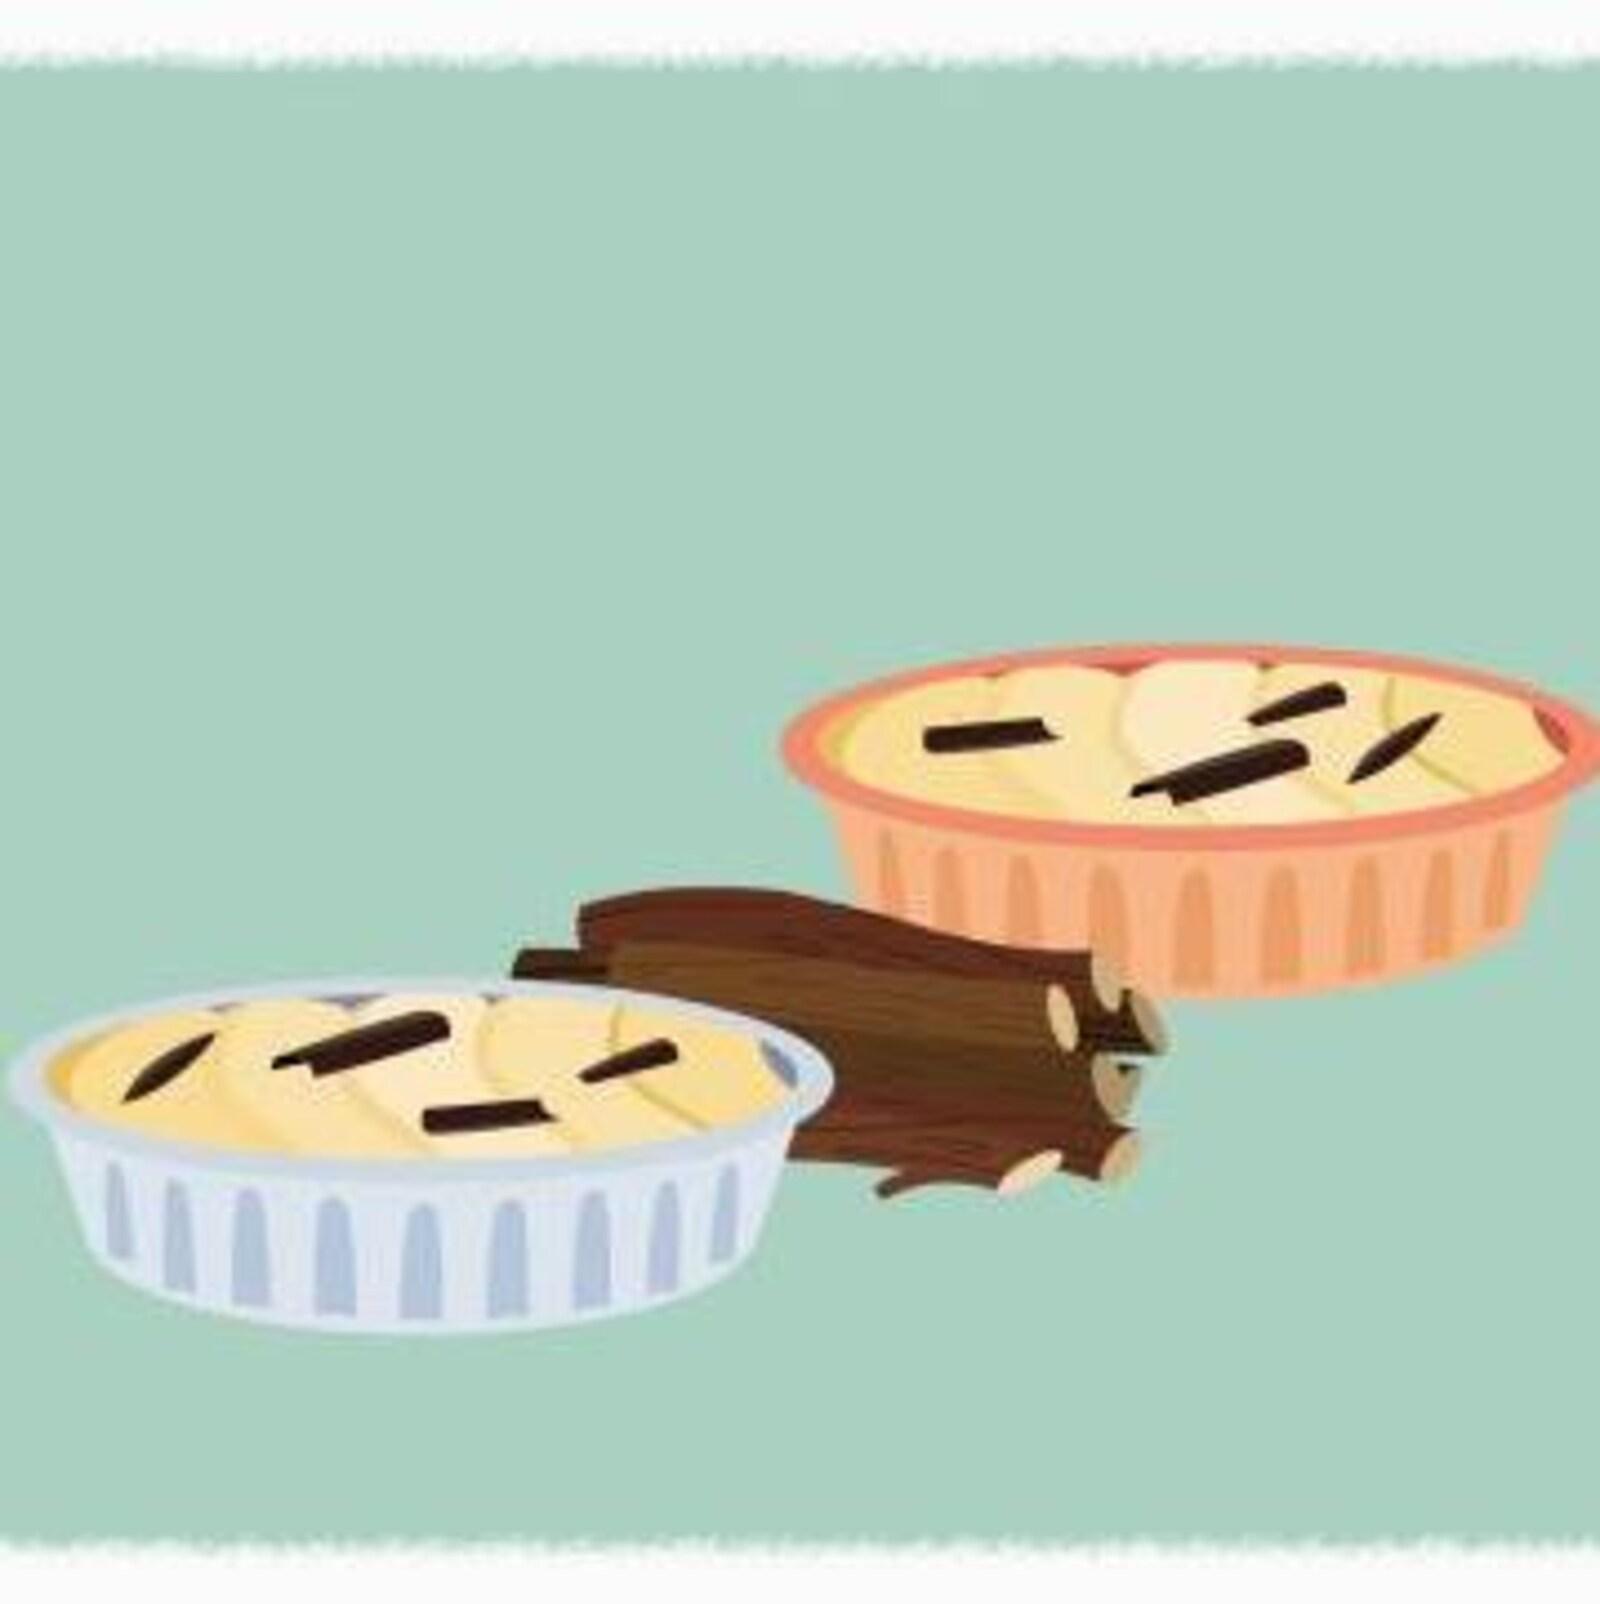 Sur une tarte aux pommes